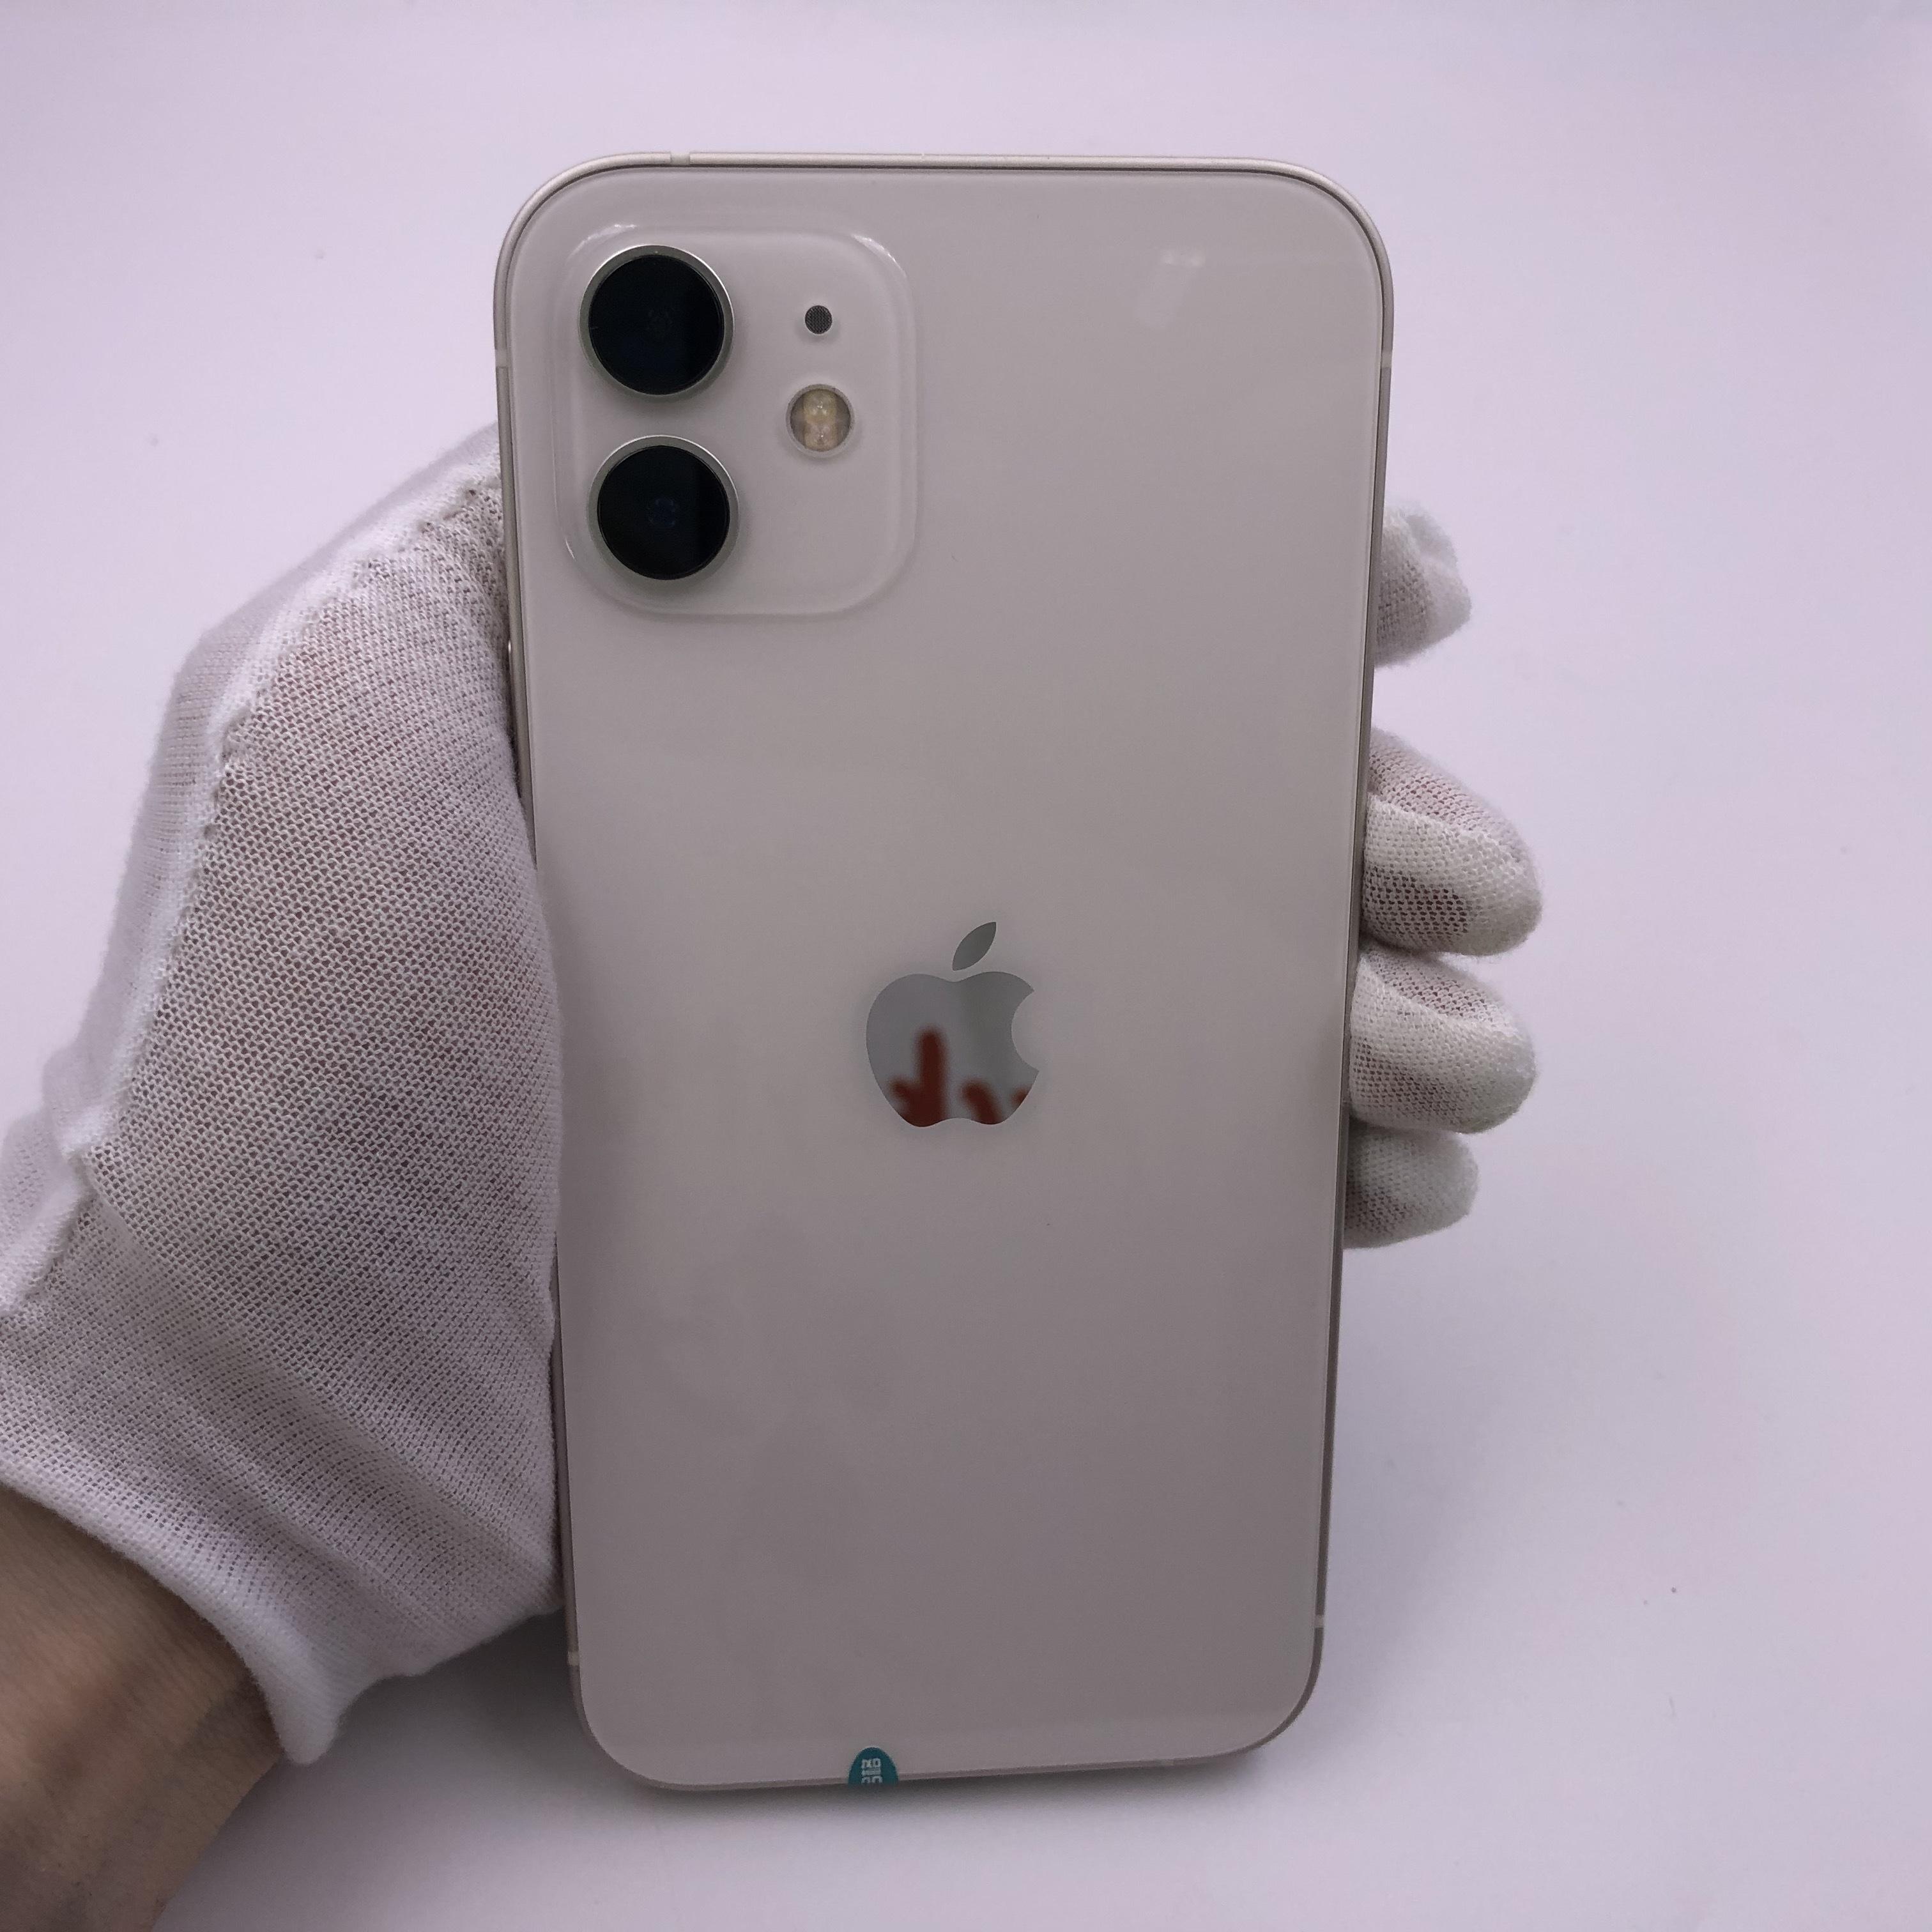 苹果【iPhone 12】5G全网通 白色 128G 国行 8成新